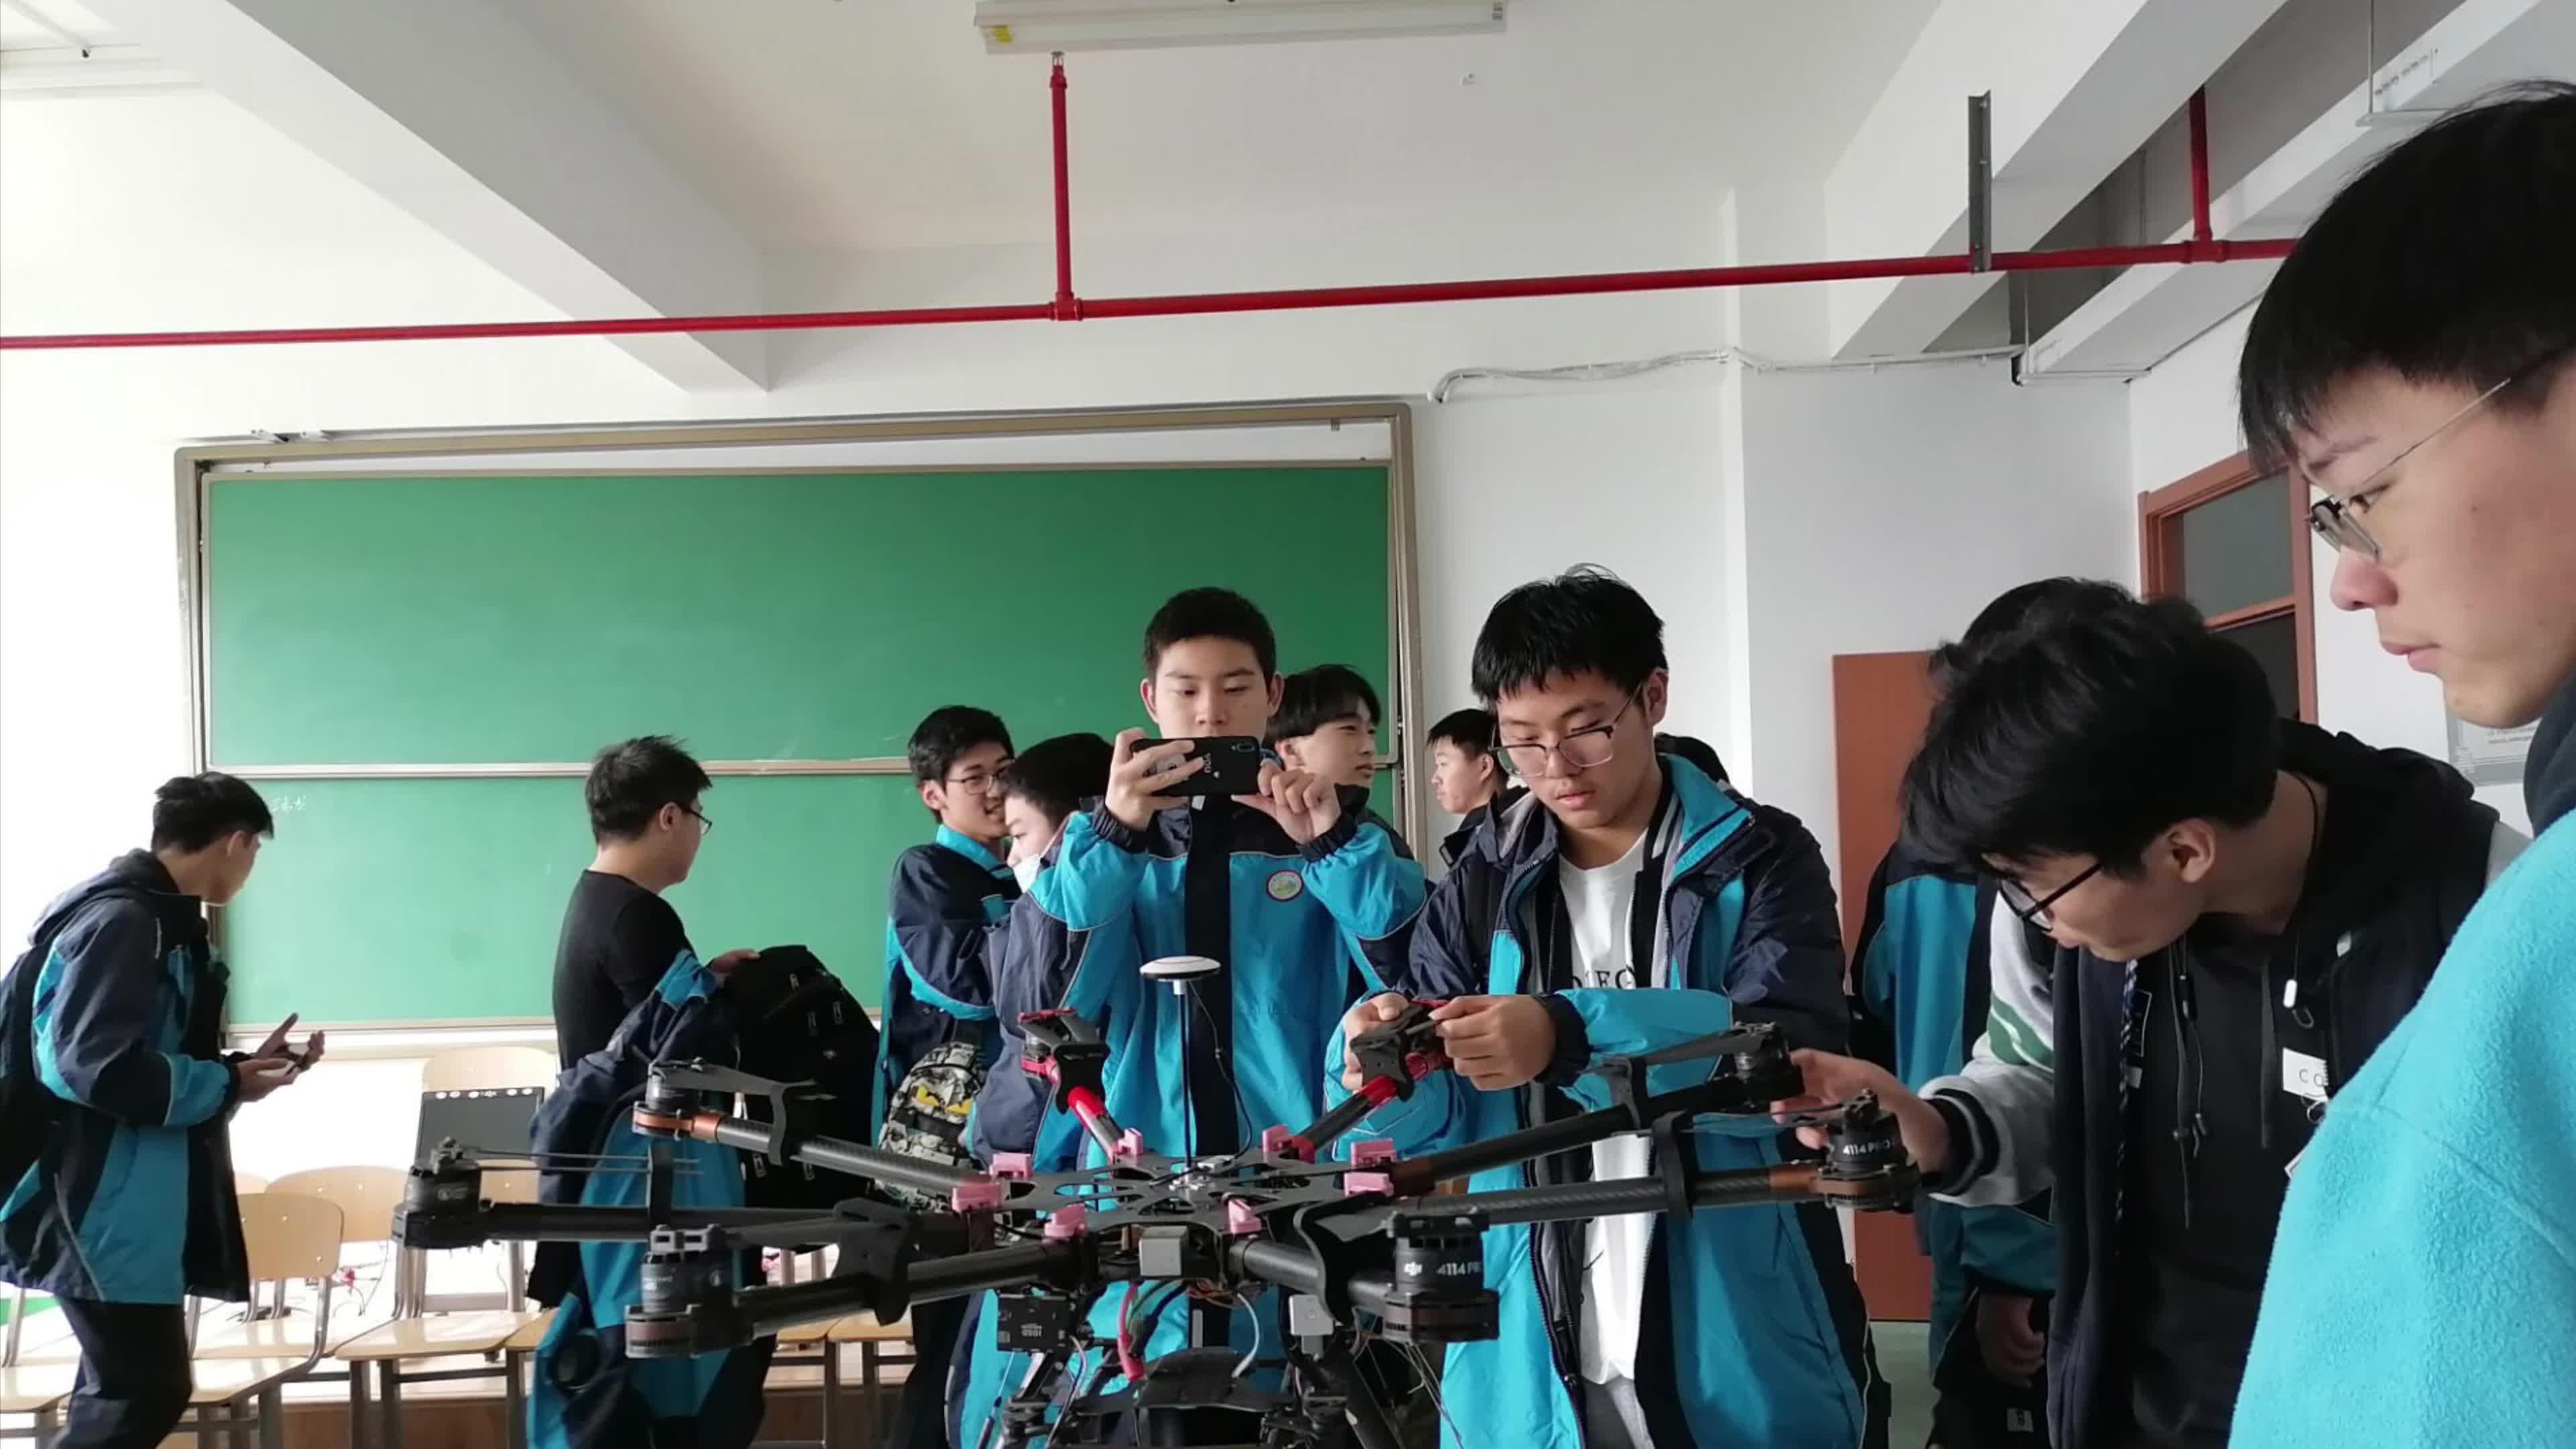 120 江苏联合职业技术学院 计算机网络无人机 徐瑞